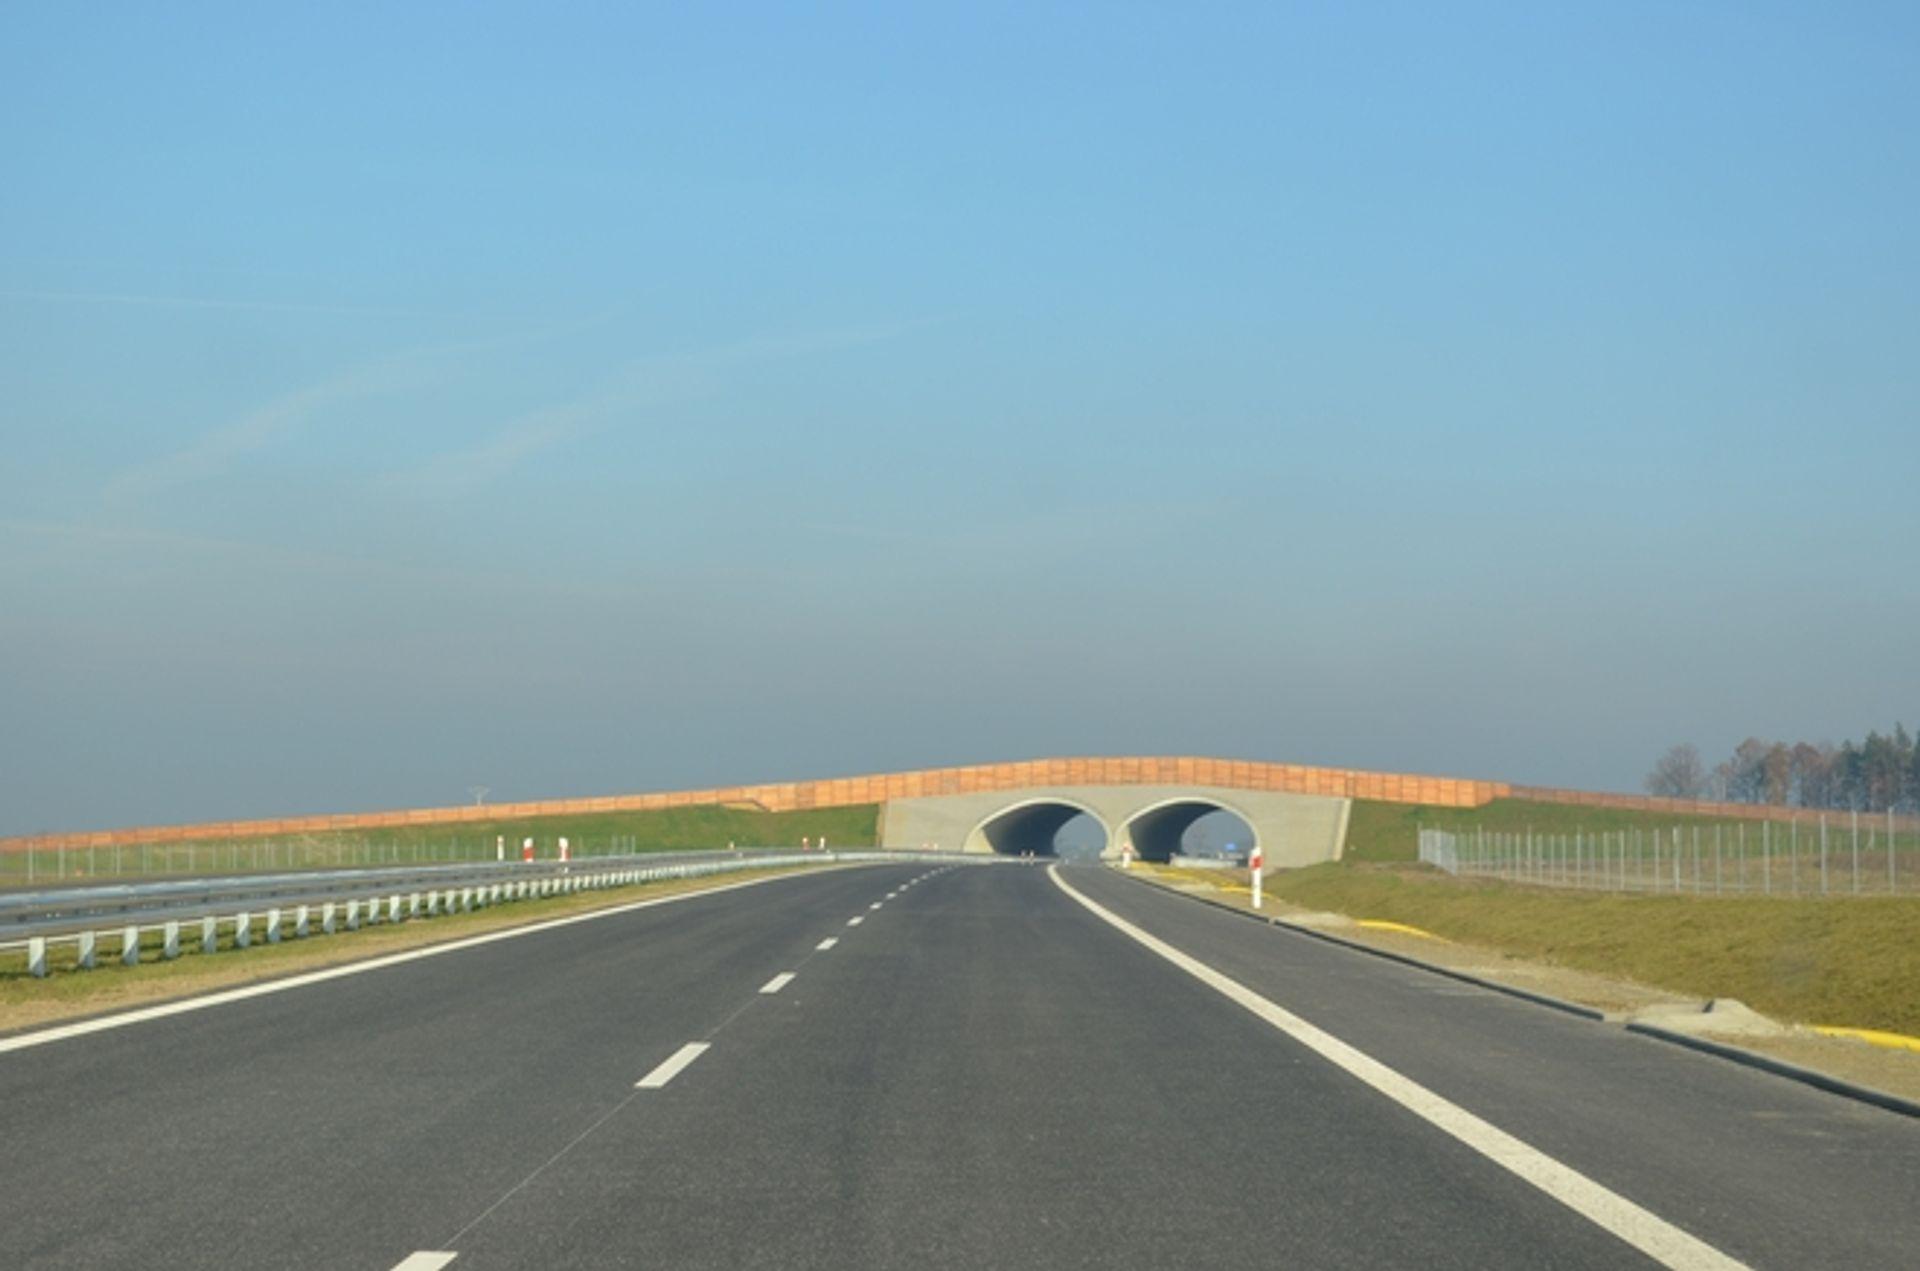 [Wrocław] Z Unii Europejskiej popłyną pieniądze na budowę drogi S3 do czeskiej granicy